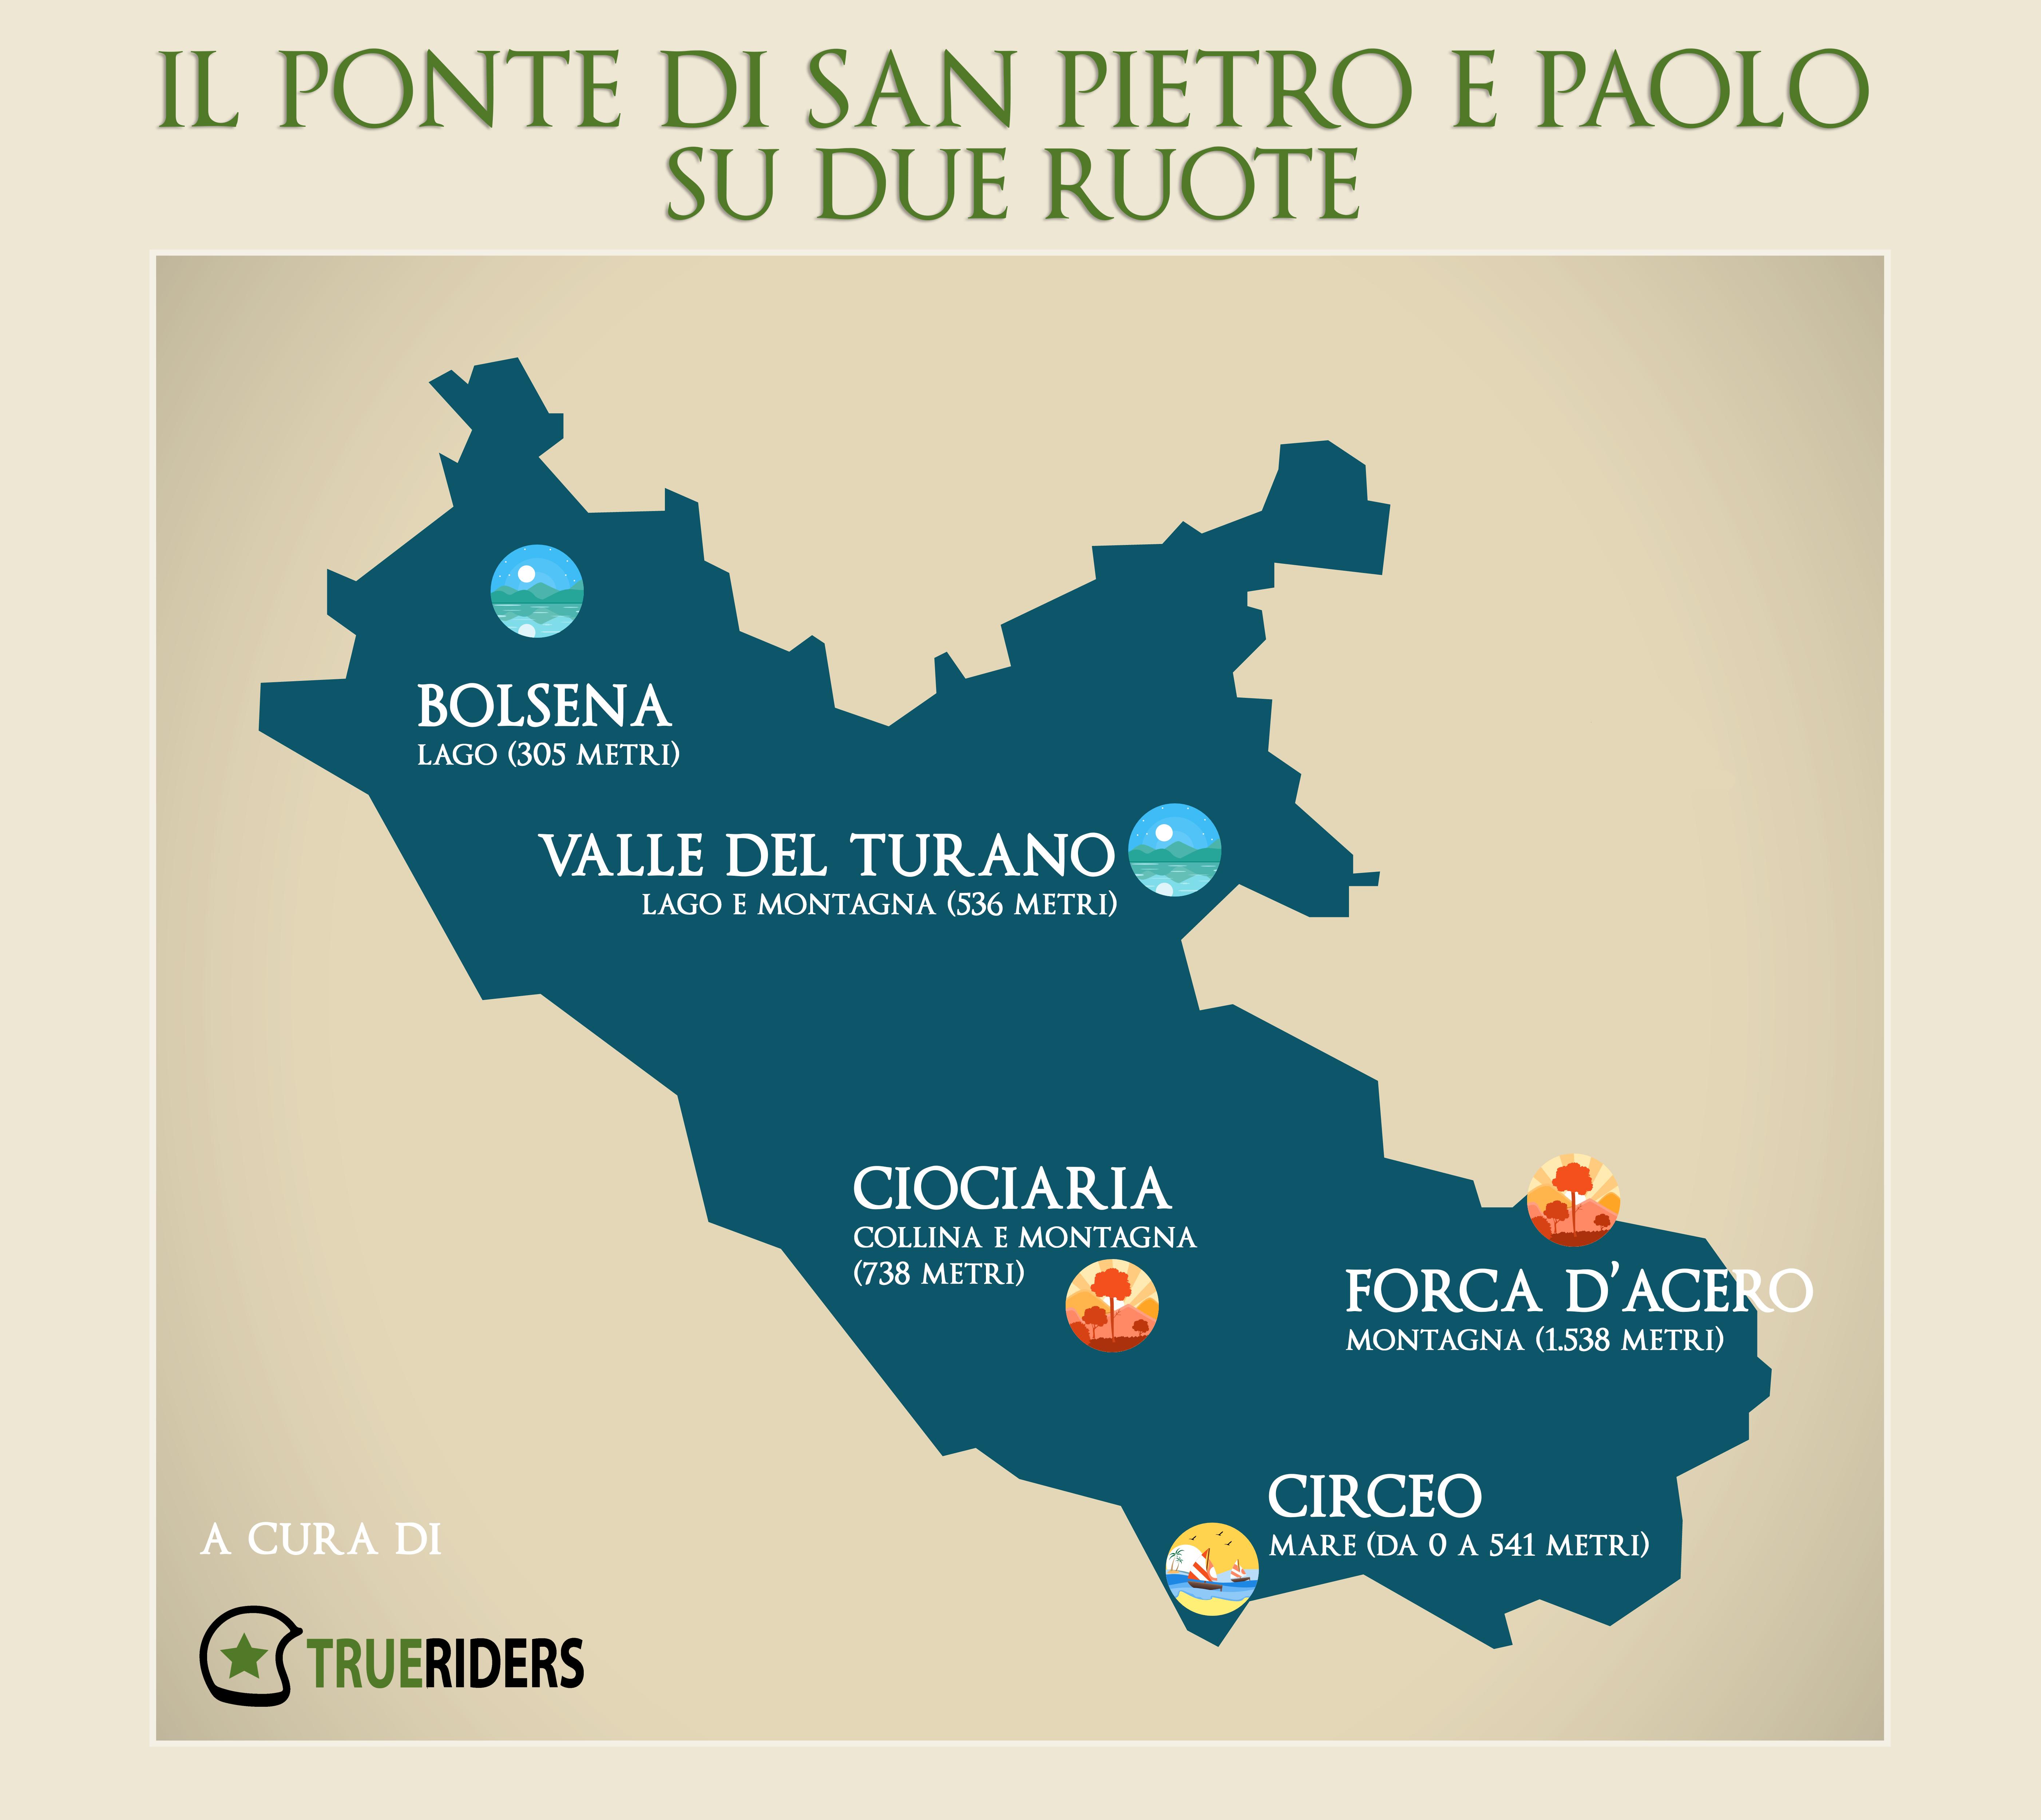 Dove andare per il ponte di San Pietro e Paolo: la top 5